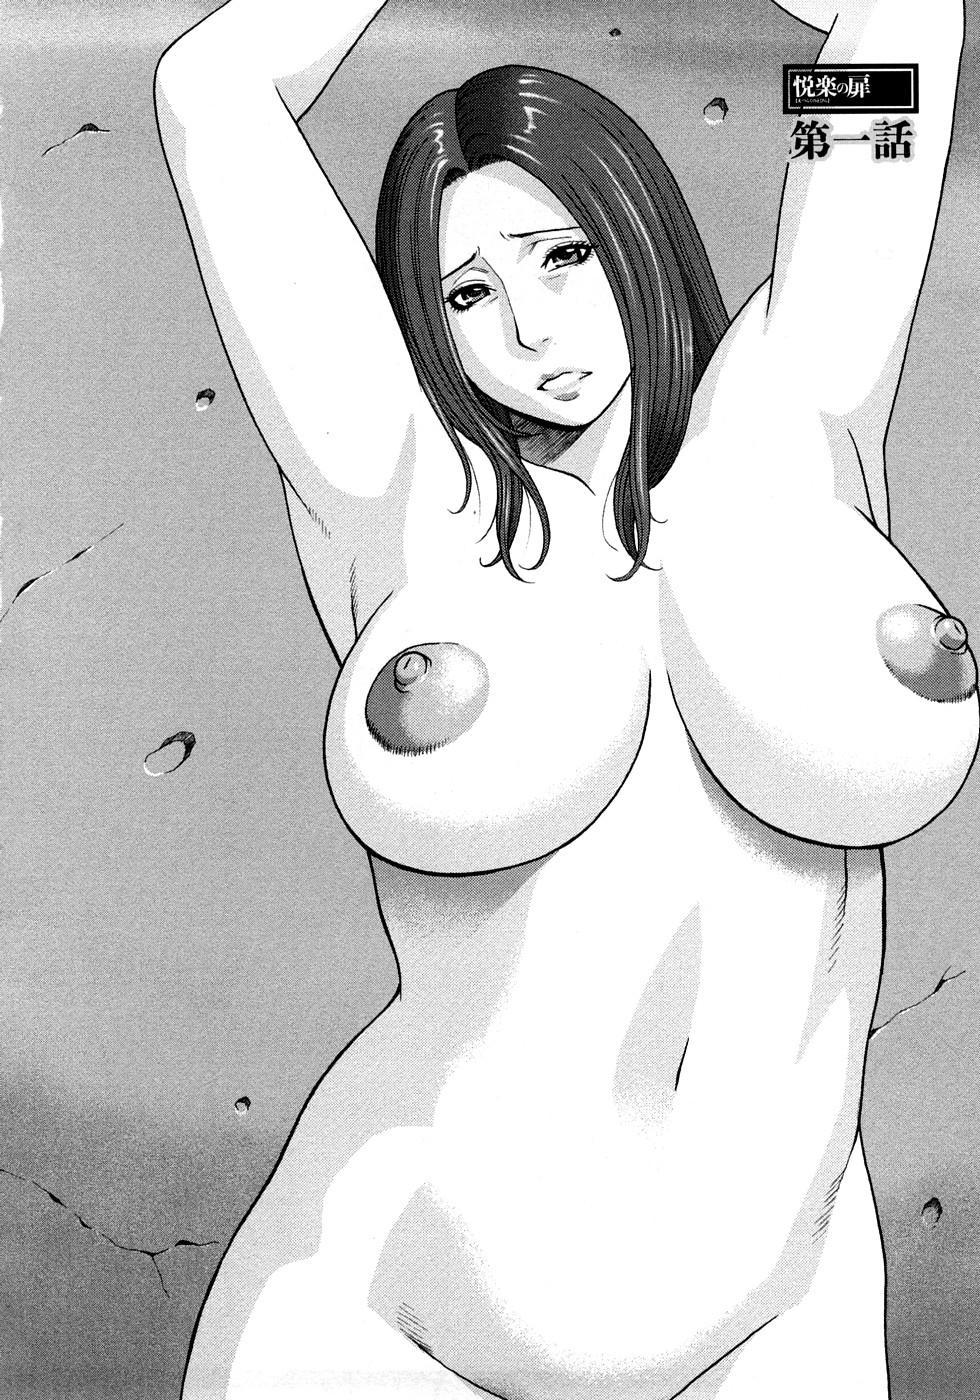 Etsuraku no Tobira - The Door of Sexual Pleasure 8